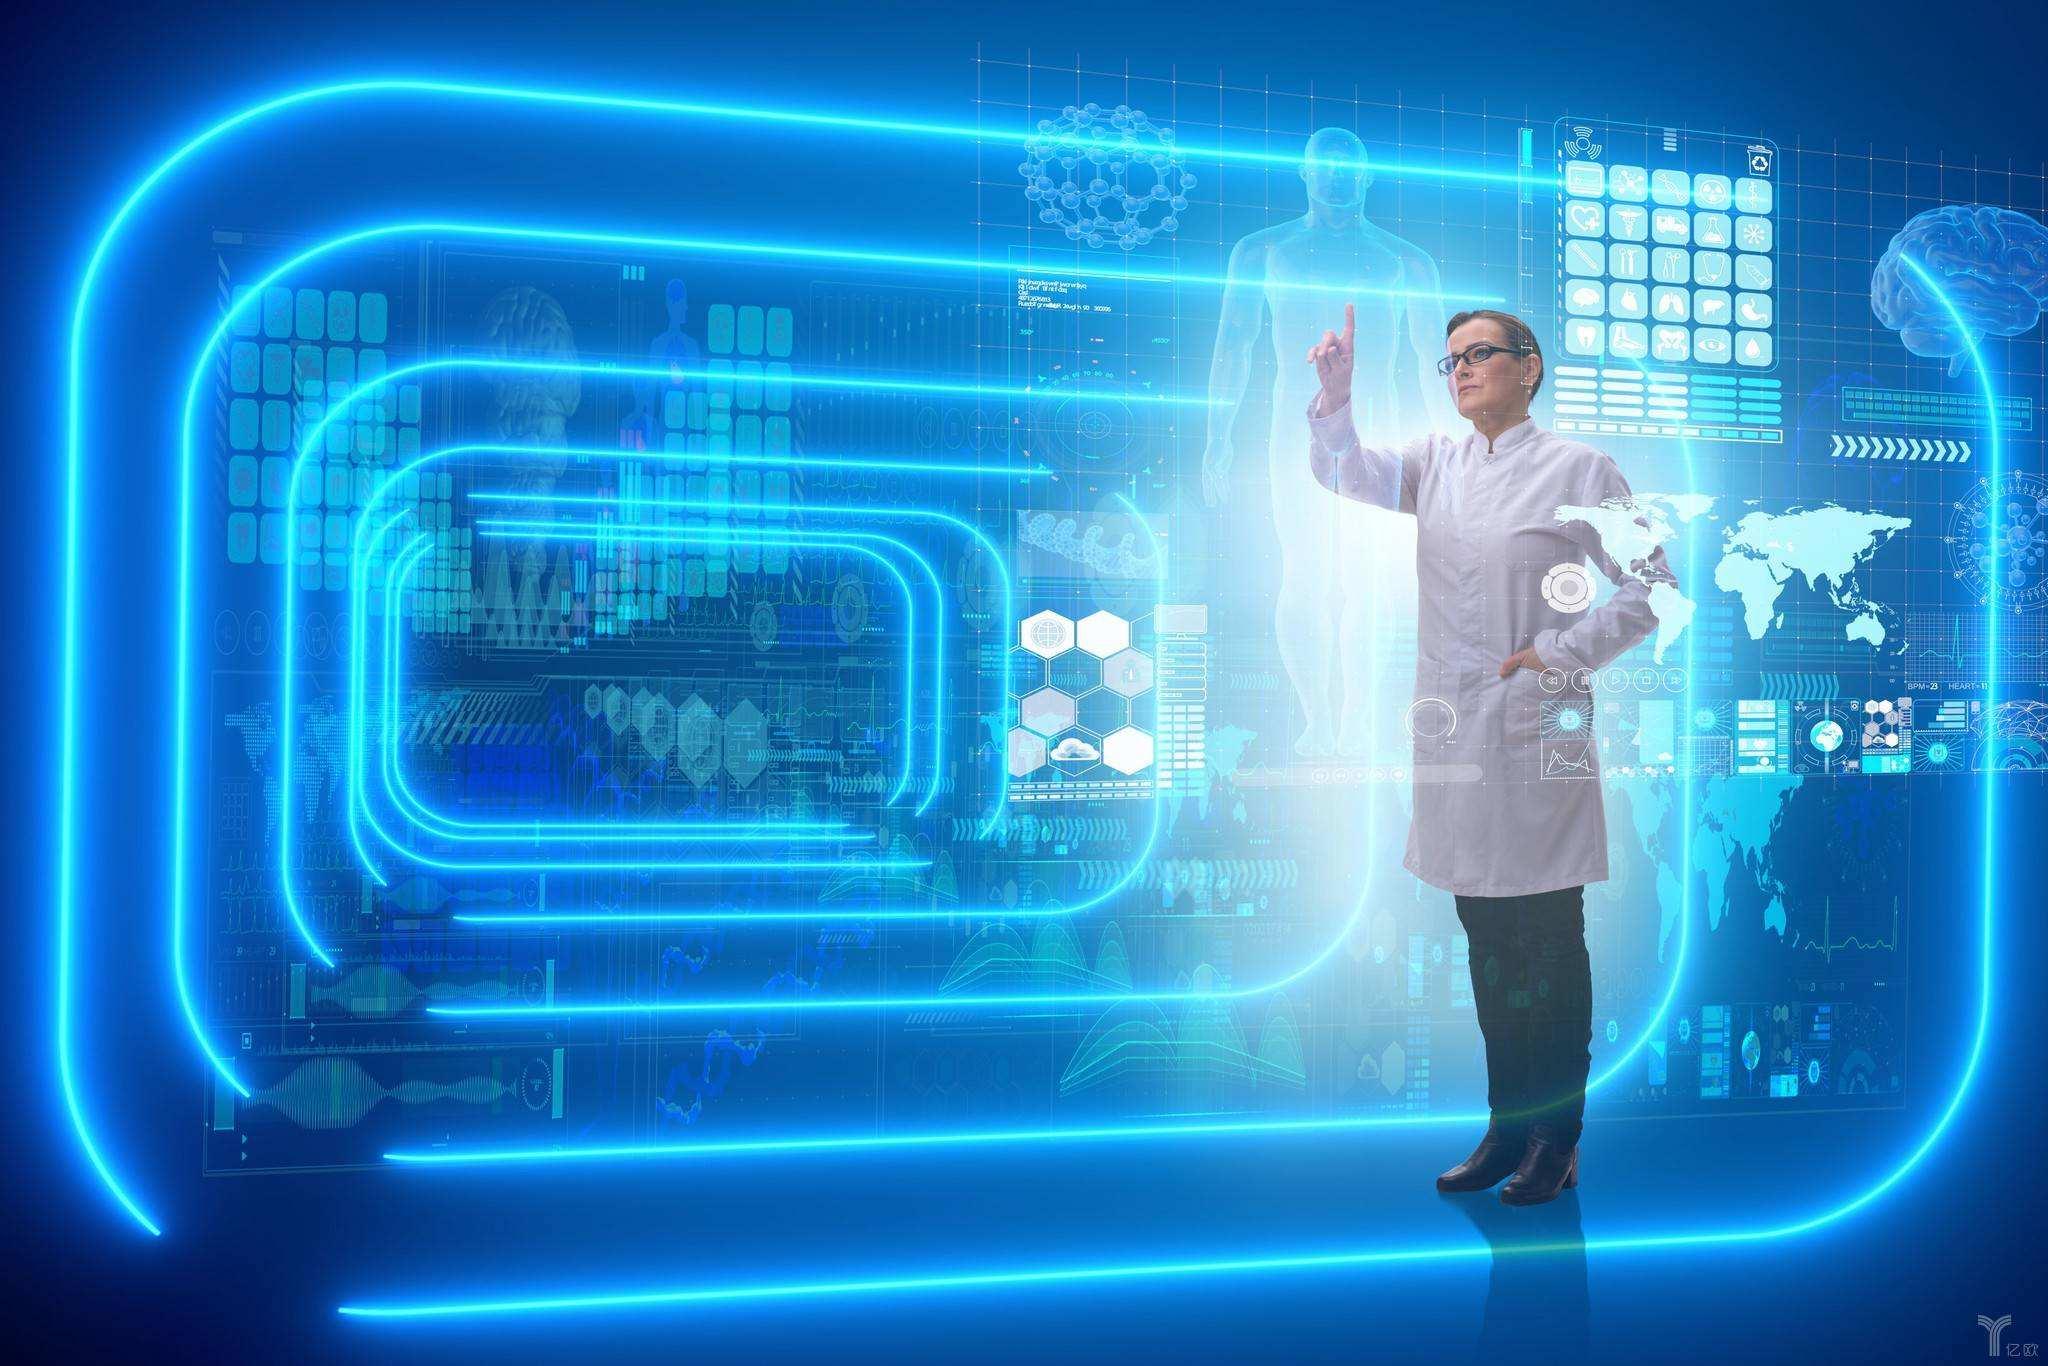 汤道生:腾讯以C2B全面推进智慧医疗 做医务工作者的同行人